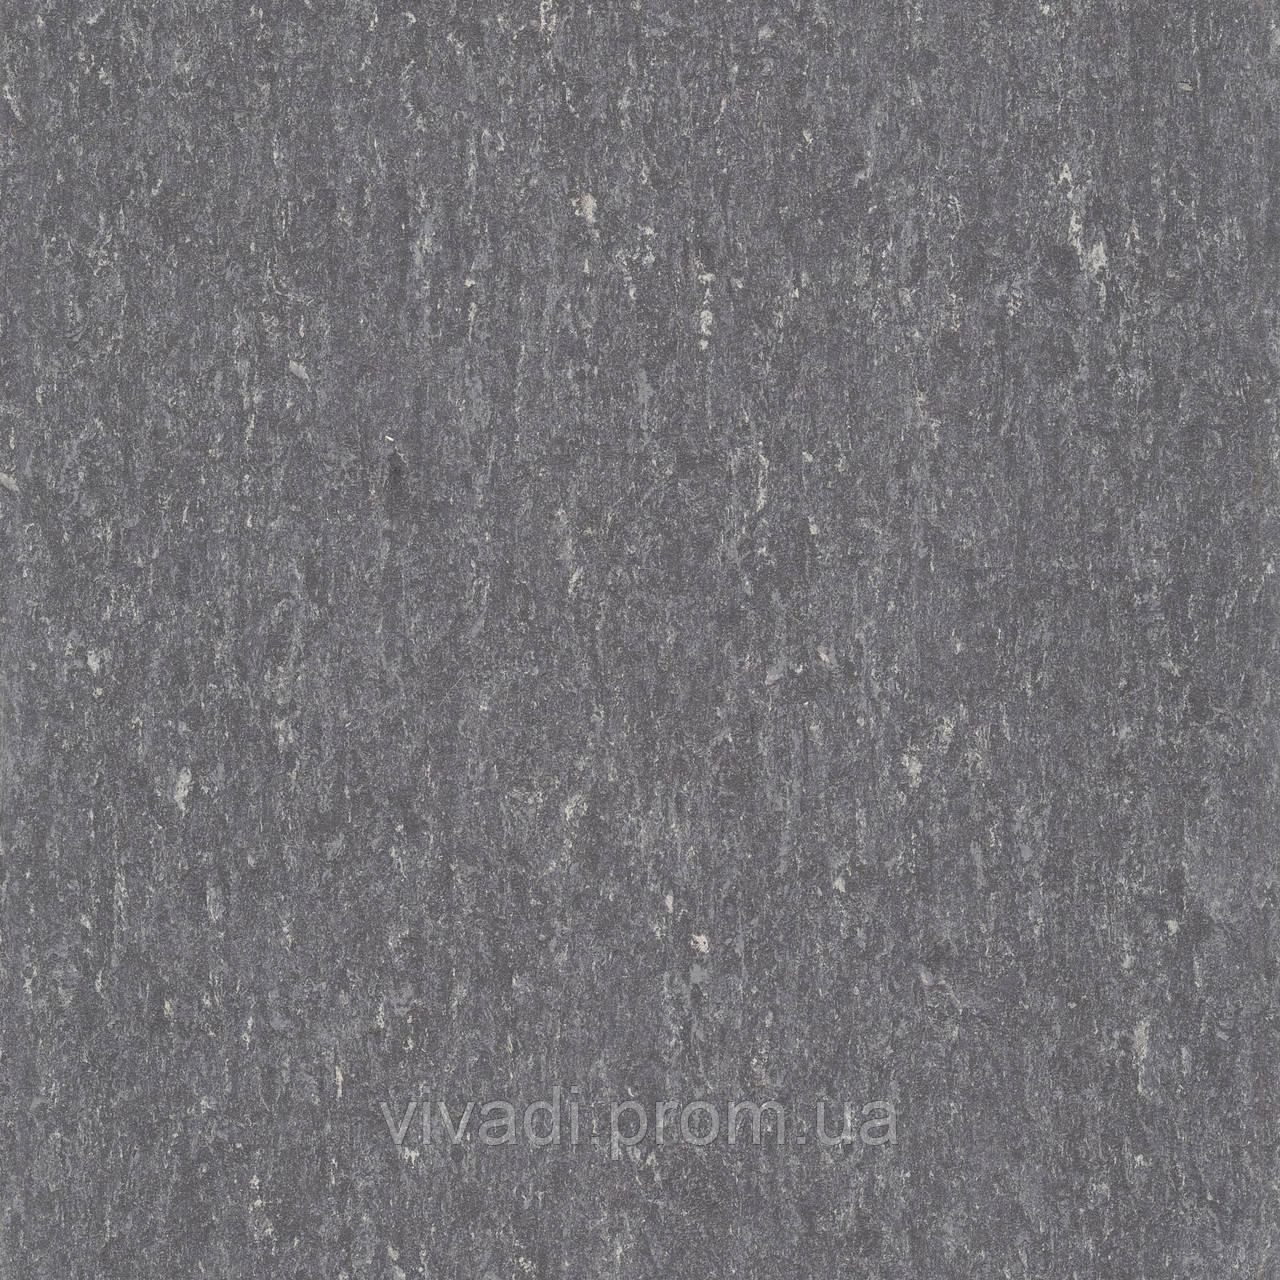 Натуральний лінолеум Granette PUR - колір 117-153